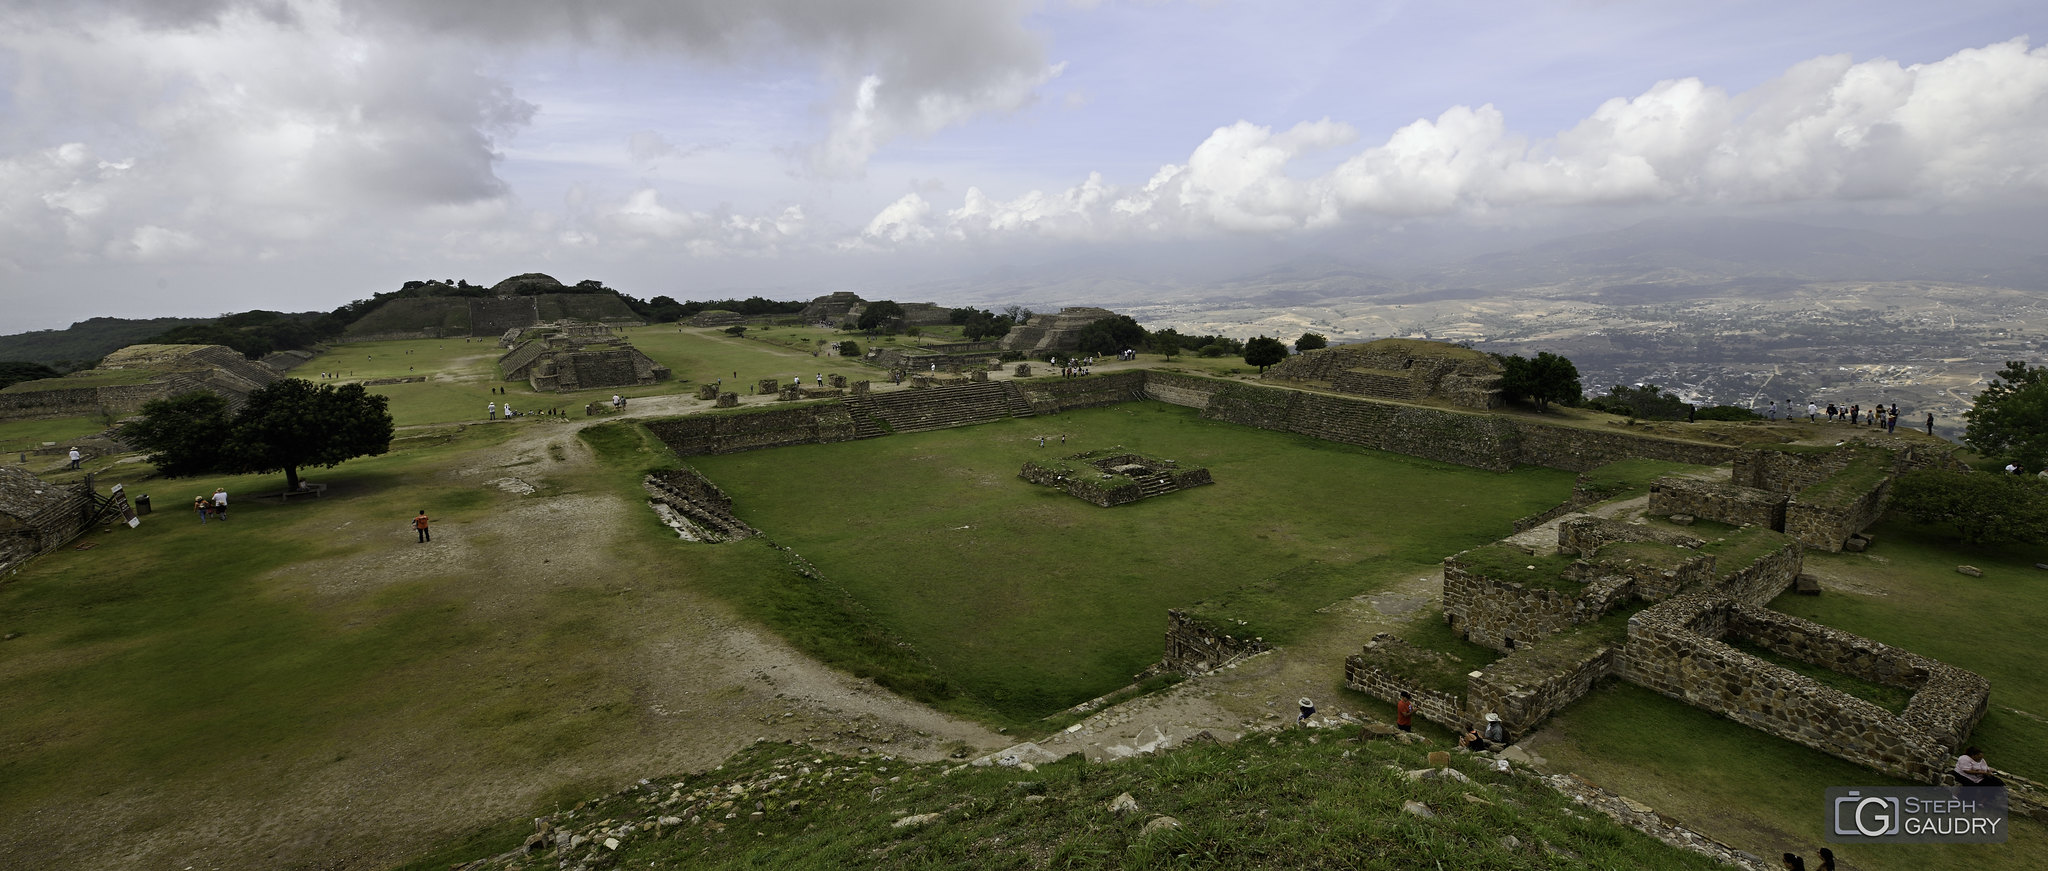 Zone archéologique de Monte Albán (MEX)